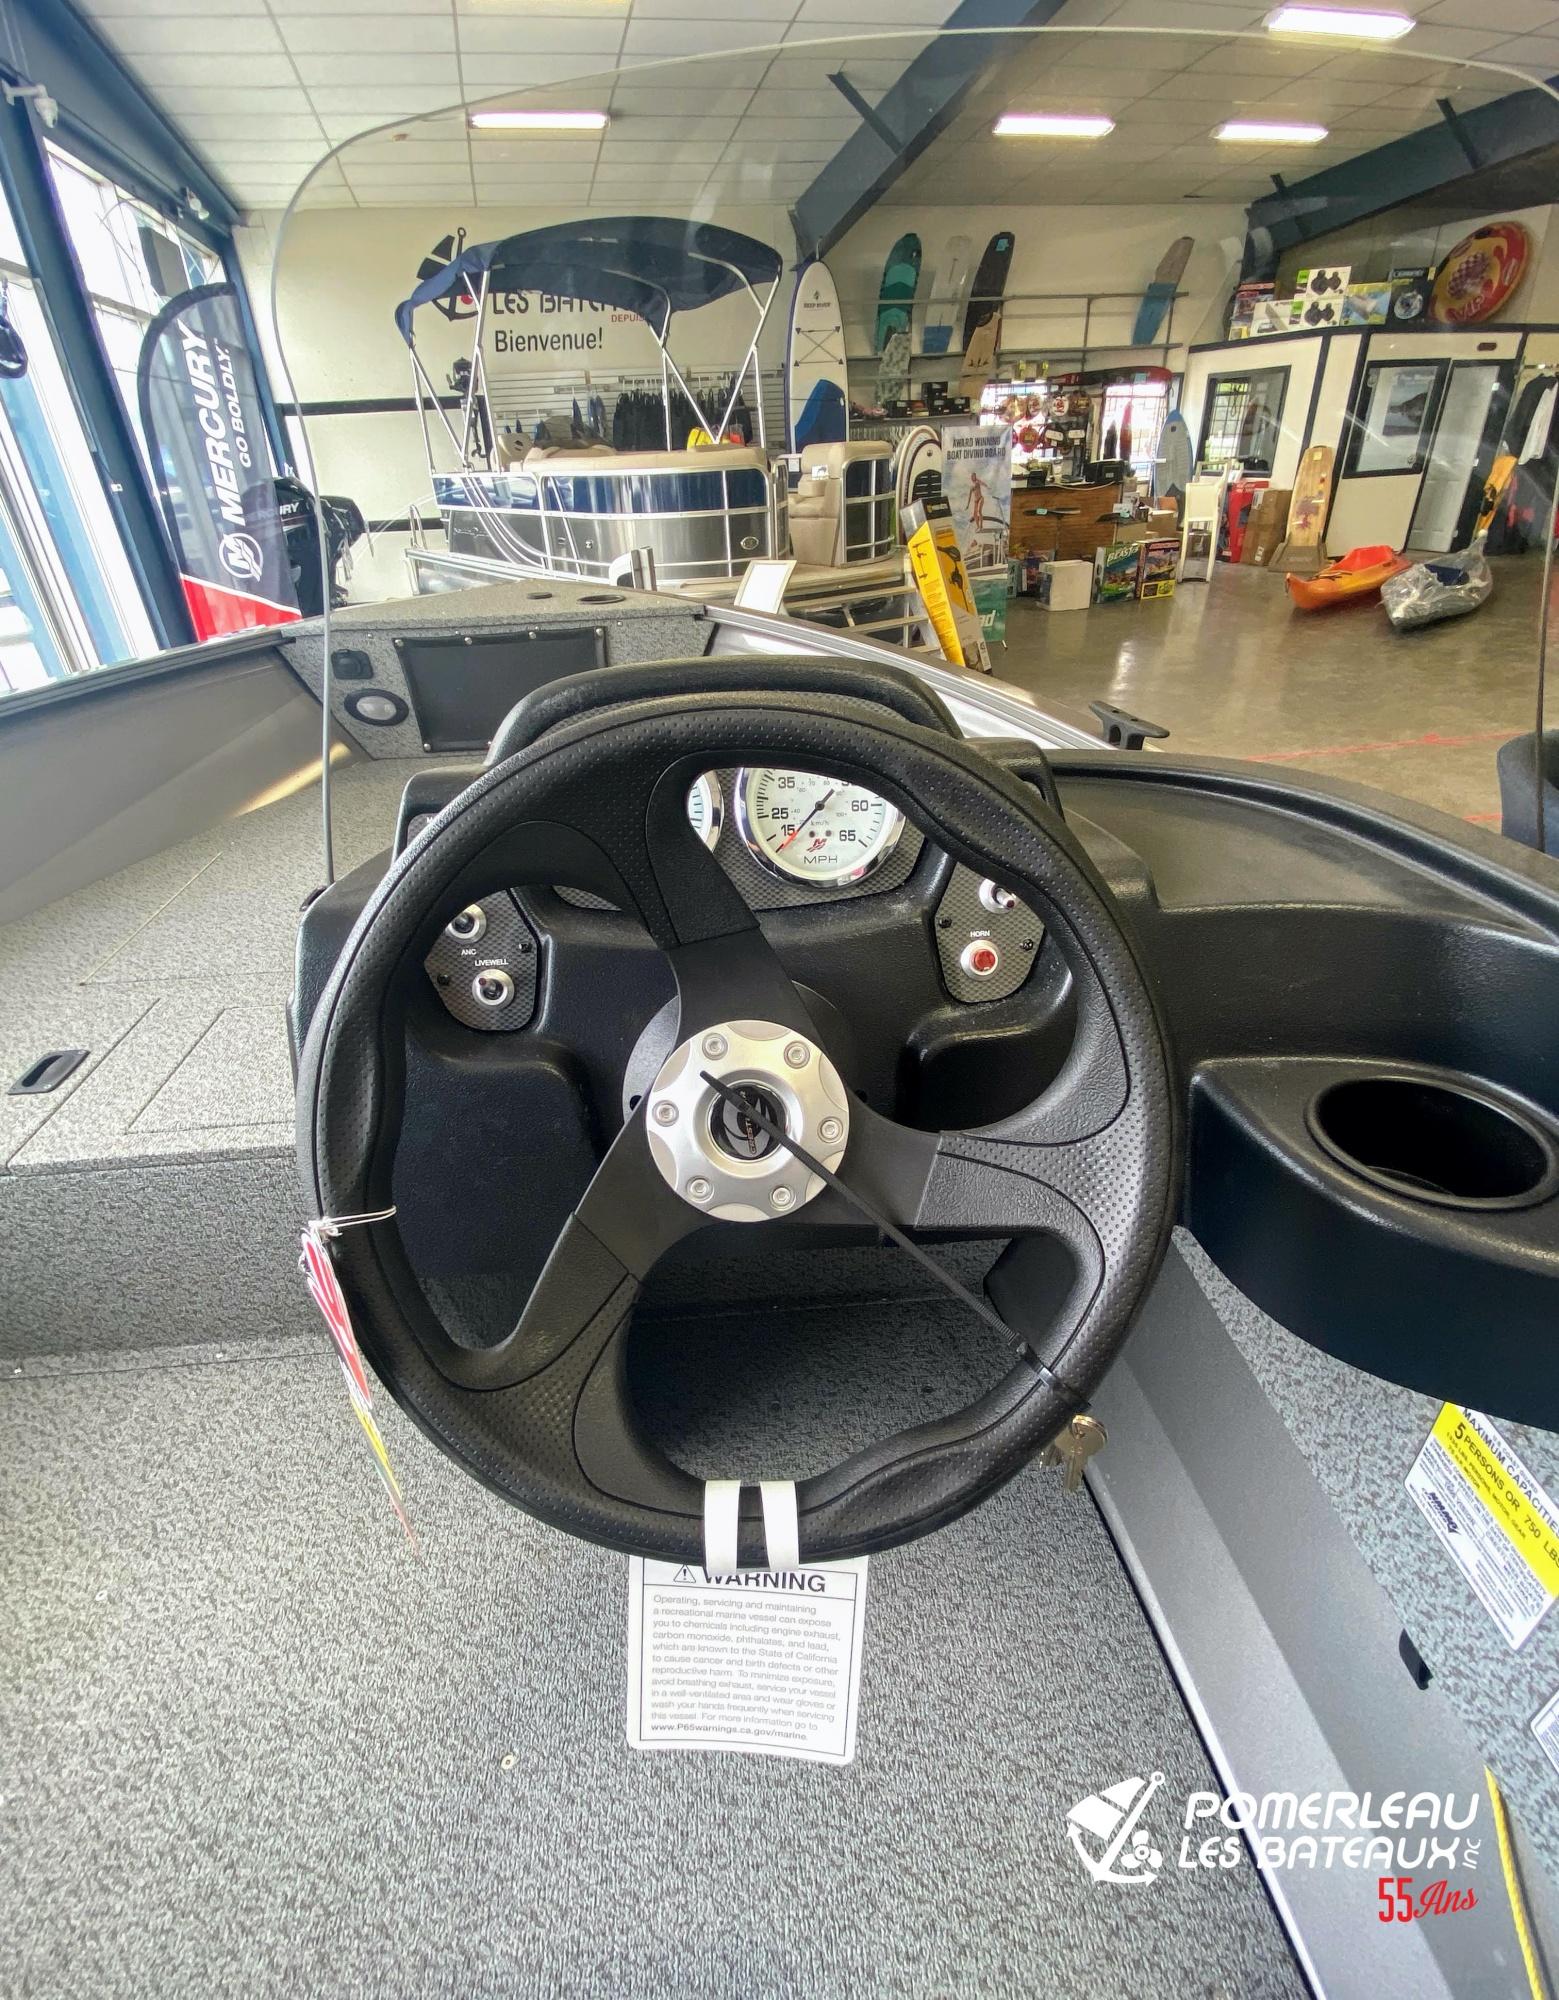 Crestliner vision 1600 - IMG_3836